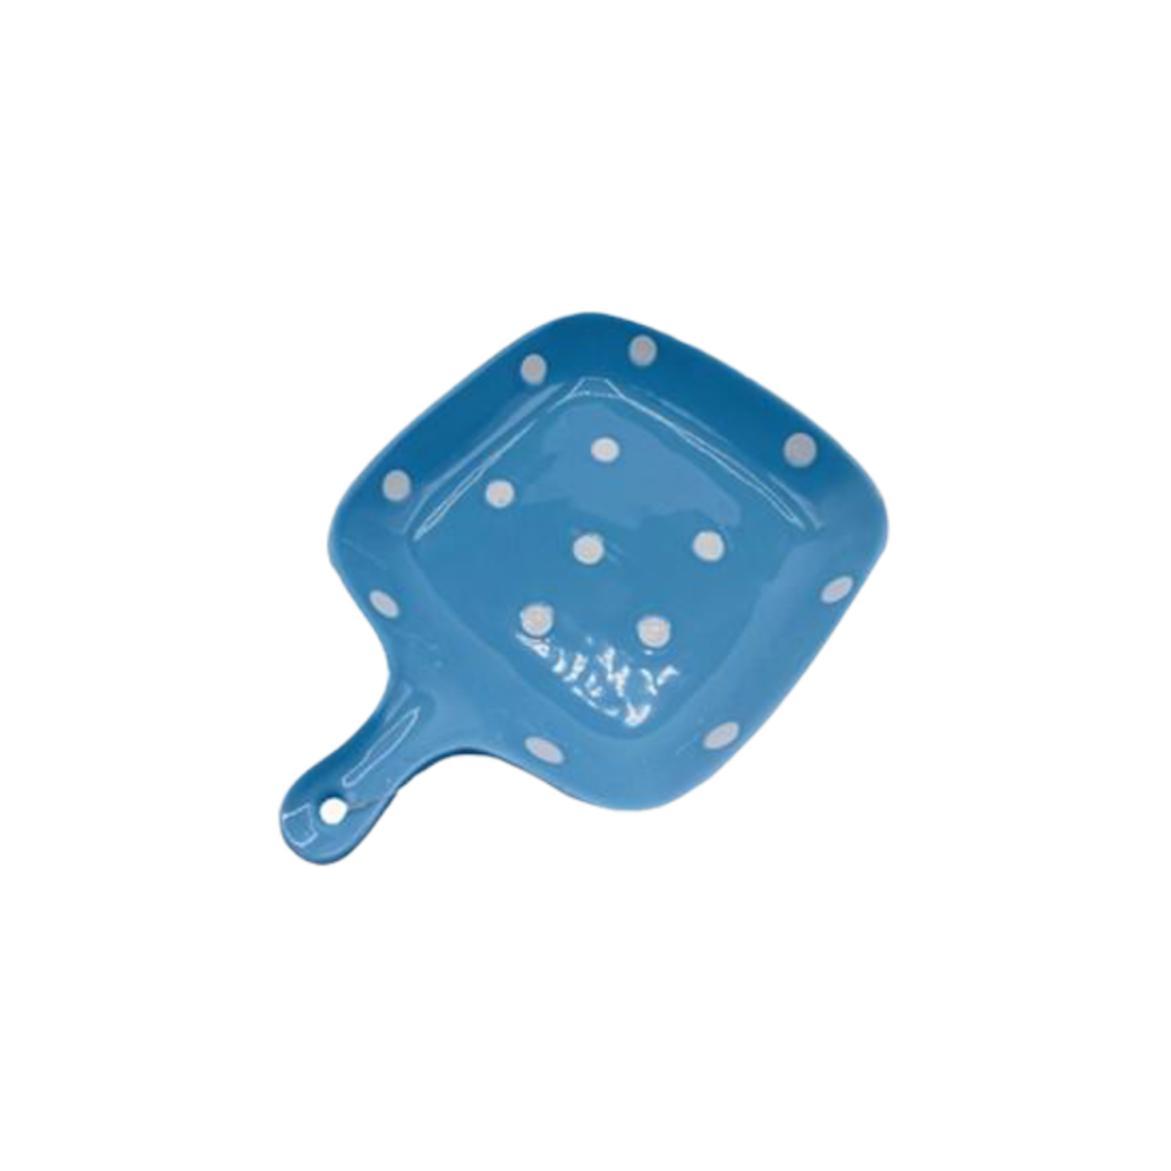 Frigideira Cerâmica Azul Claro de Póa